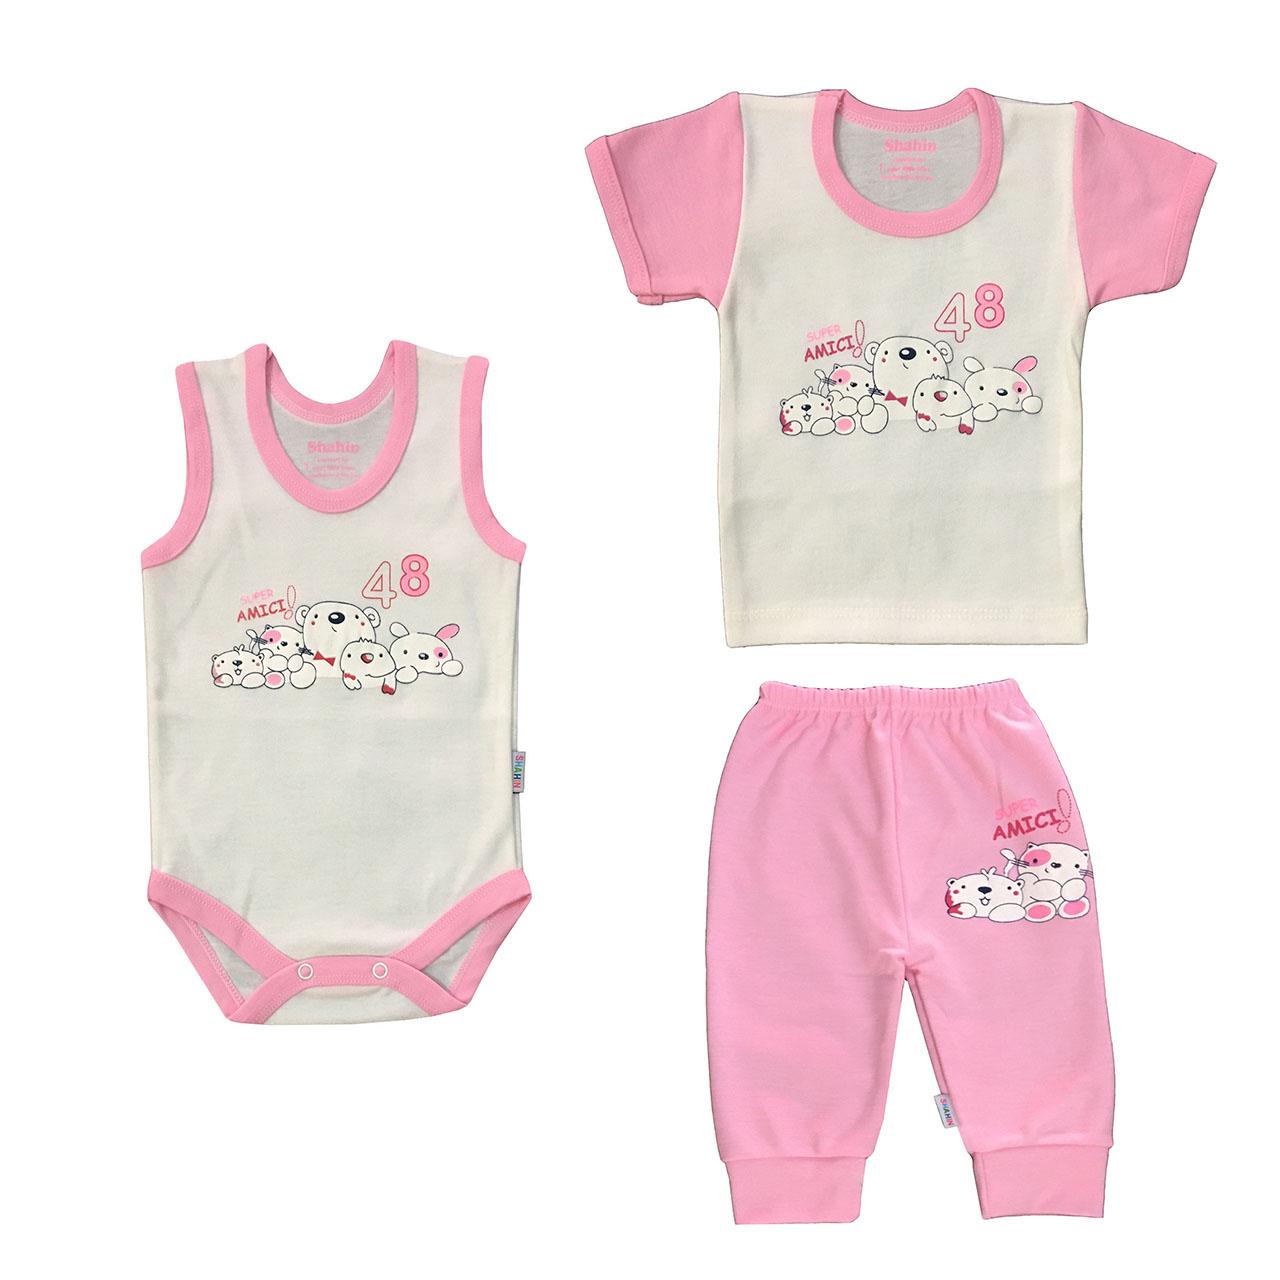 ست 3 تکه لباس نوزادی دخترانه شاهین طرح امیکی کد S